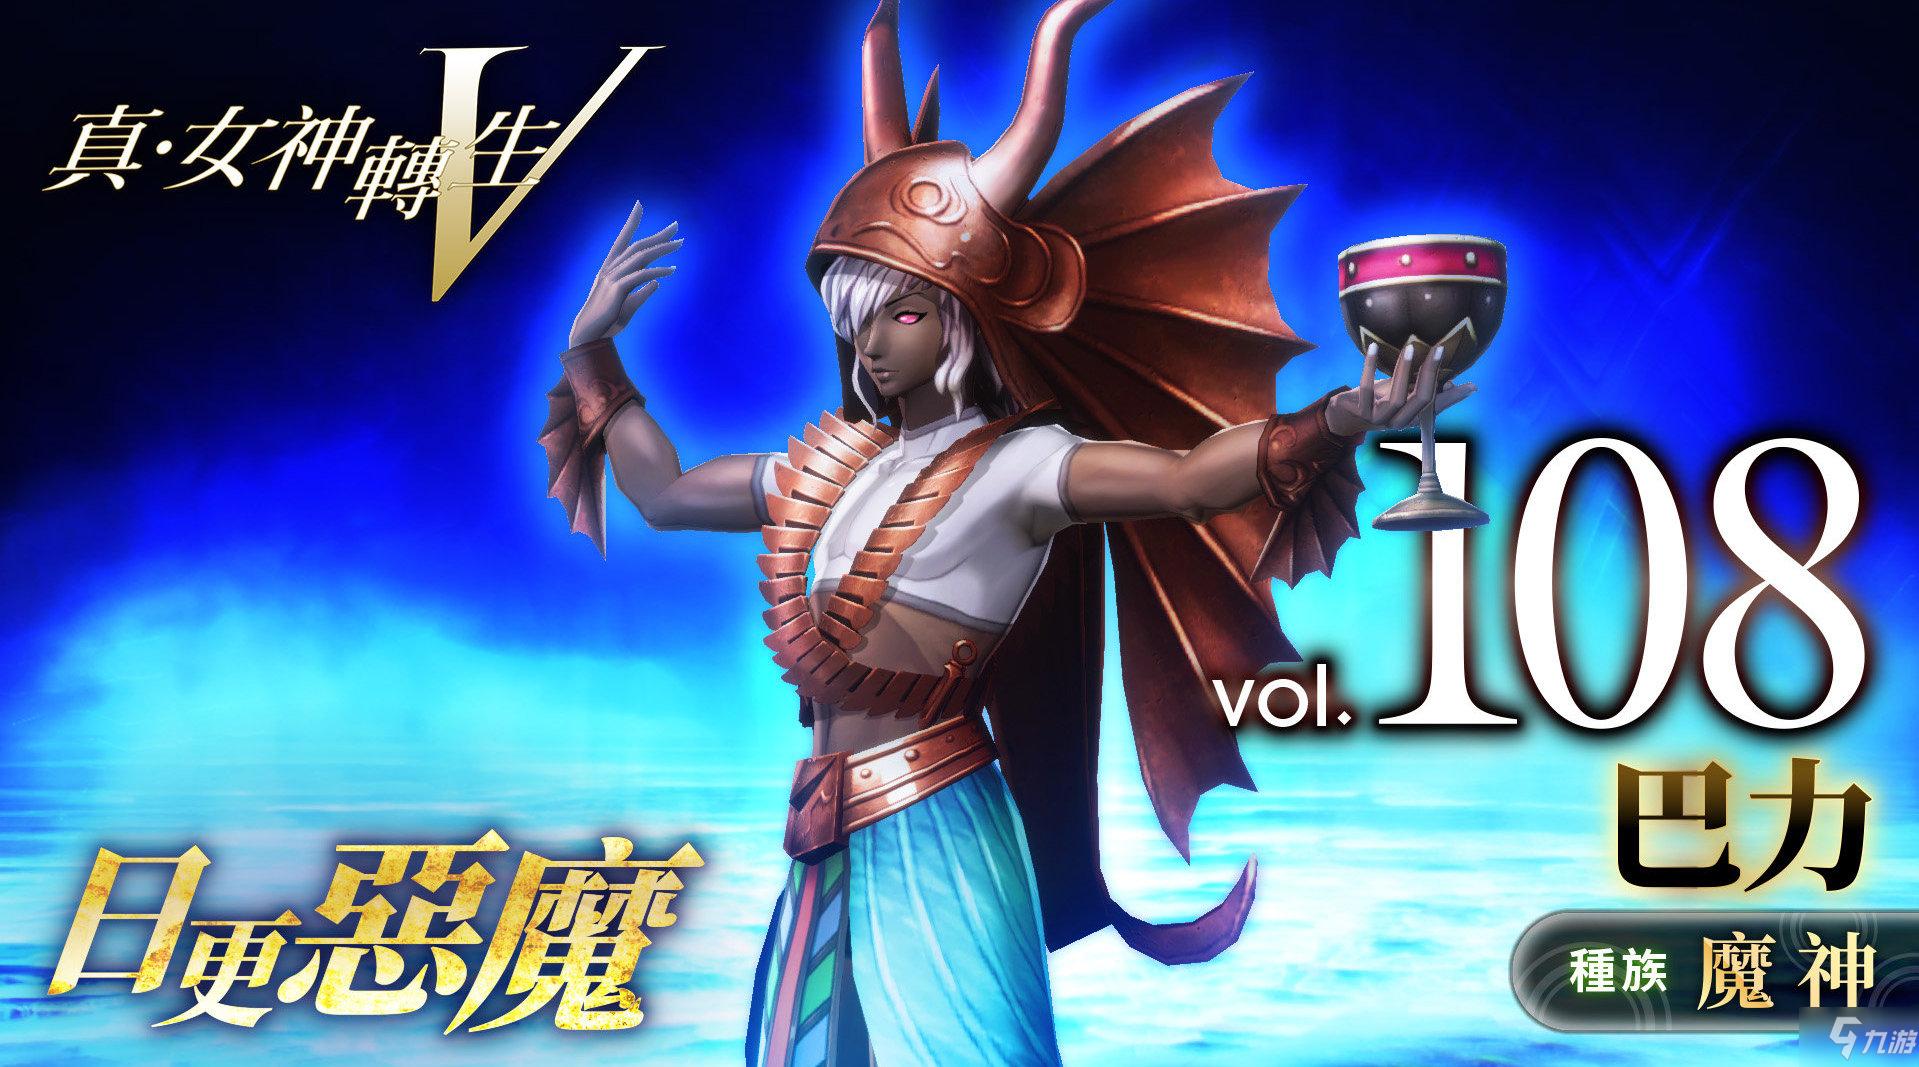 《真女神转生5》恶魔介绍 巴力是西闪米人的丰饶之神